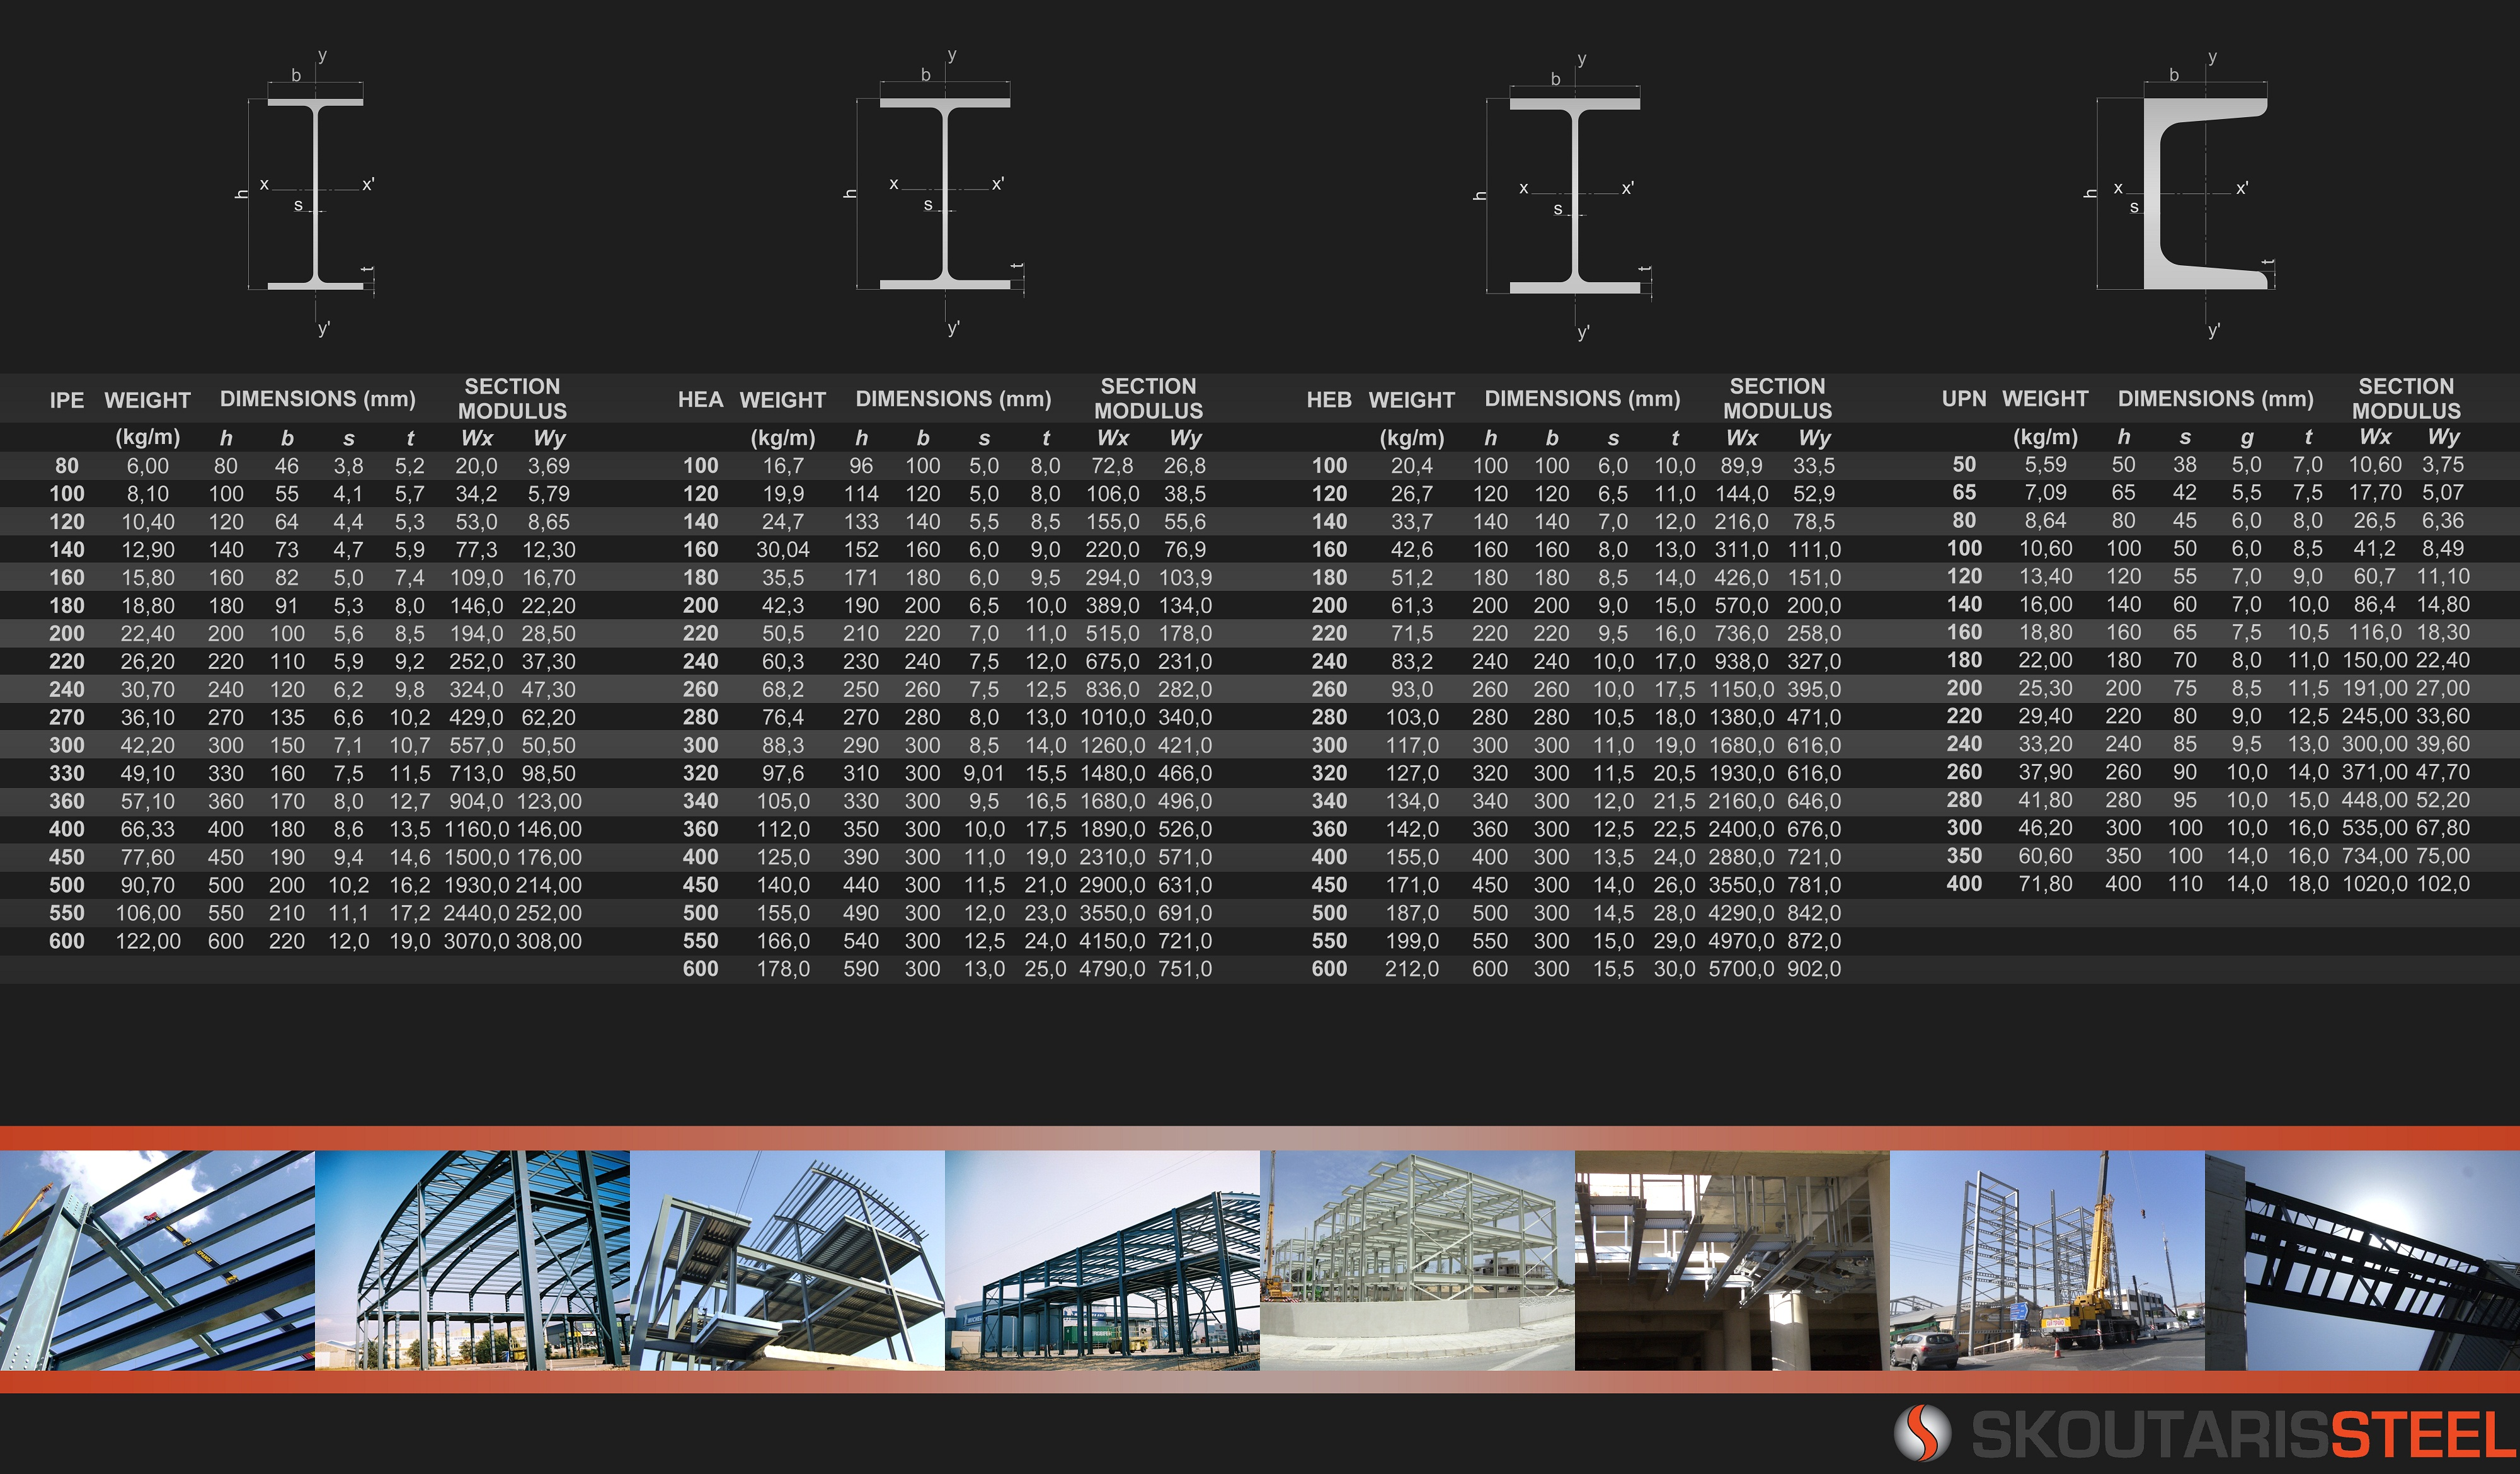 Skoutaris Steel – Structural Steel